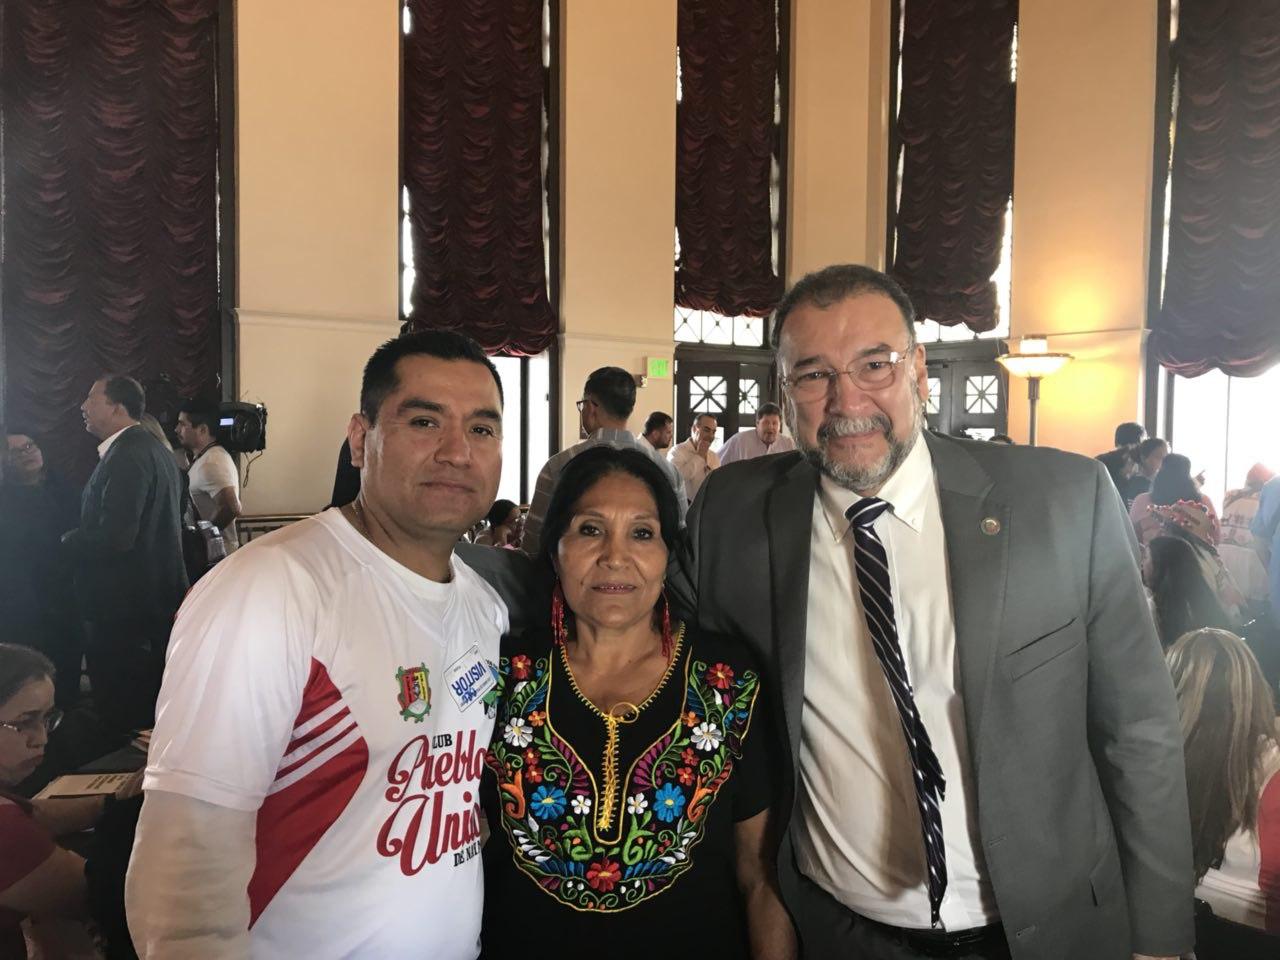 En emotivo reencuentro de familias en Los Ángeles, diputados proponen ley e instituto de migrantes